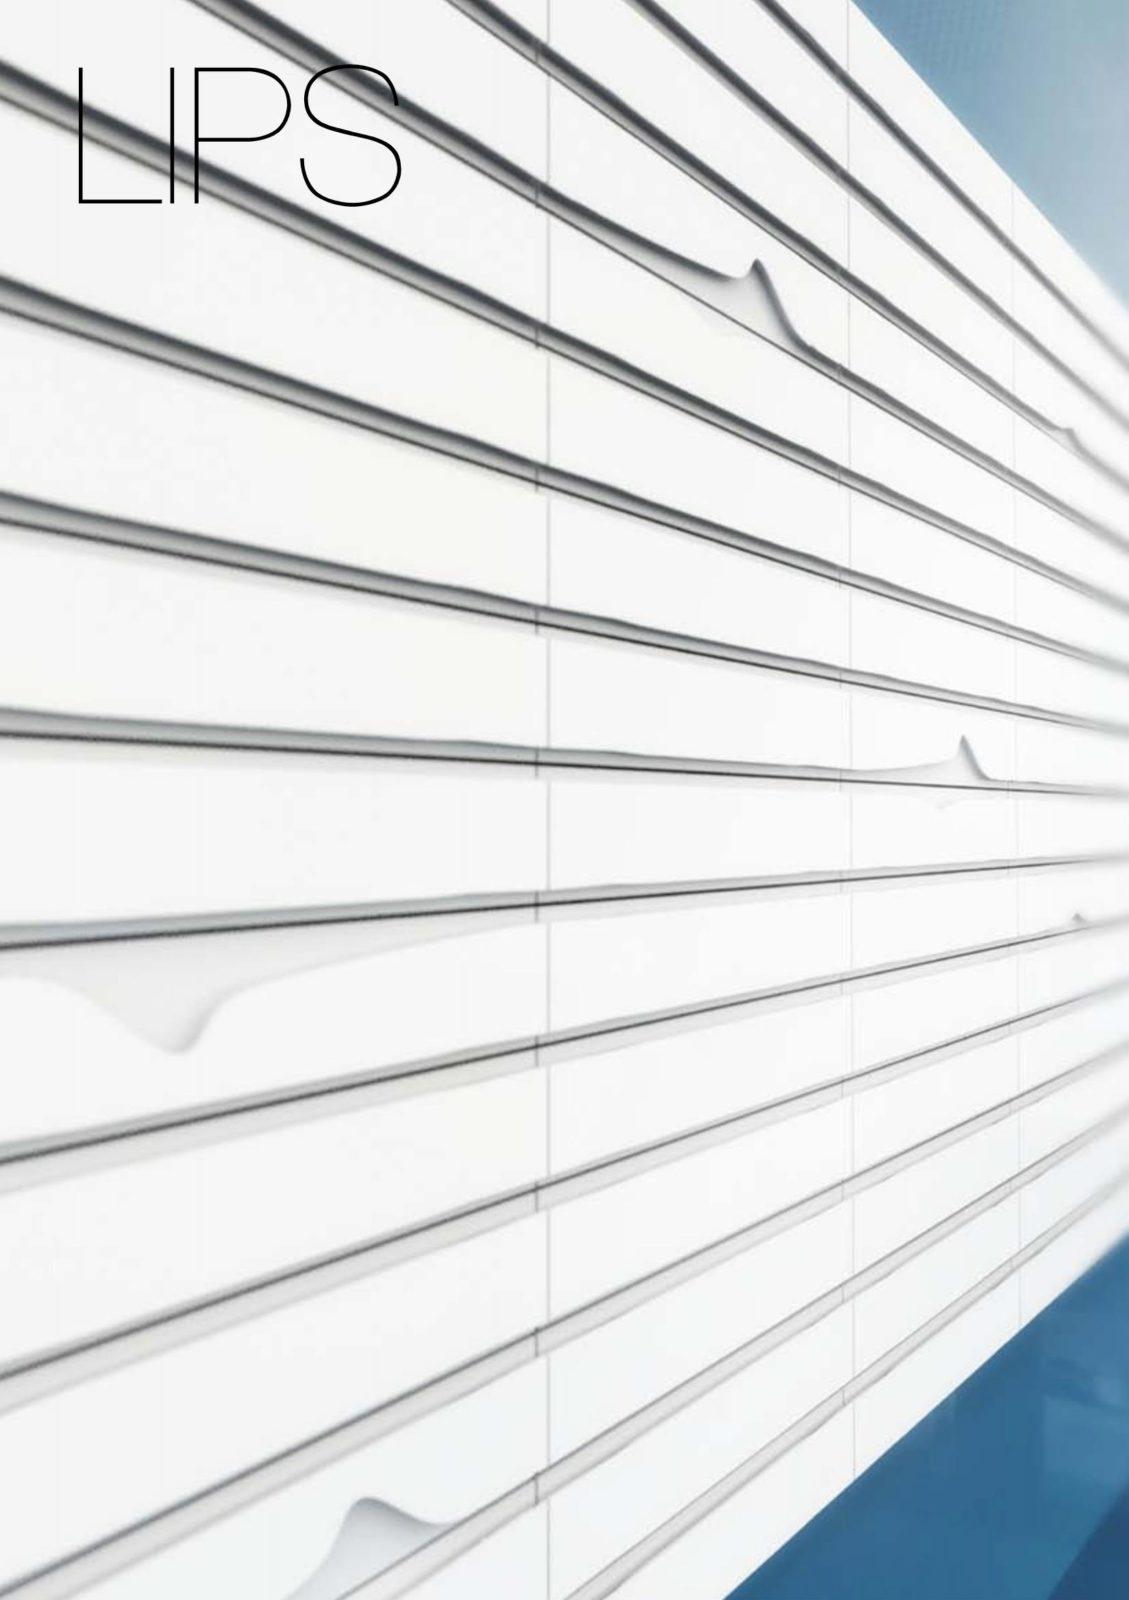 Dans sa simplicité , la valeur d'un graphisme précis revêt une importance fondamentale pour associer des éléments linéaires qui s'unissent et forme un ensemble pour être une composition à la fois fonctionnelle et esthétique. Les nouvelles façades de tiroir colonne pharmacie VEDO offre un large éventails de choix esthétique et fonctionnel pour équiper votre pharmacie d'un design nouveau et fonctionnel.